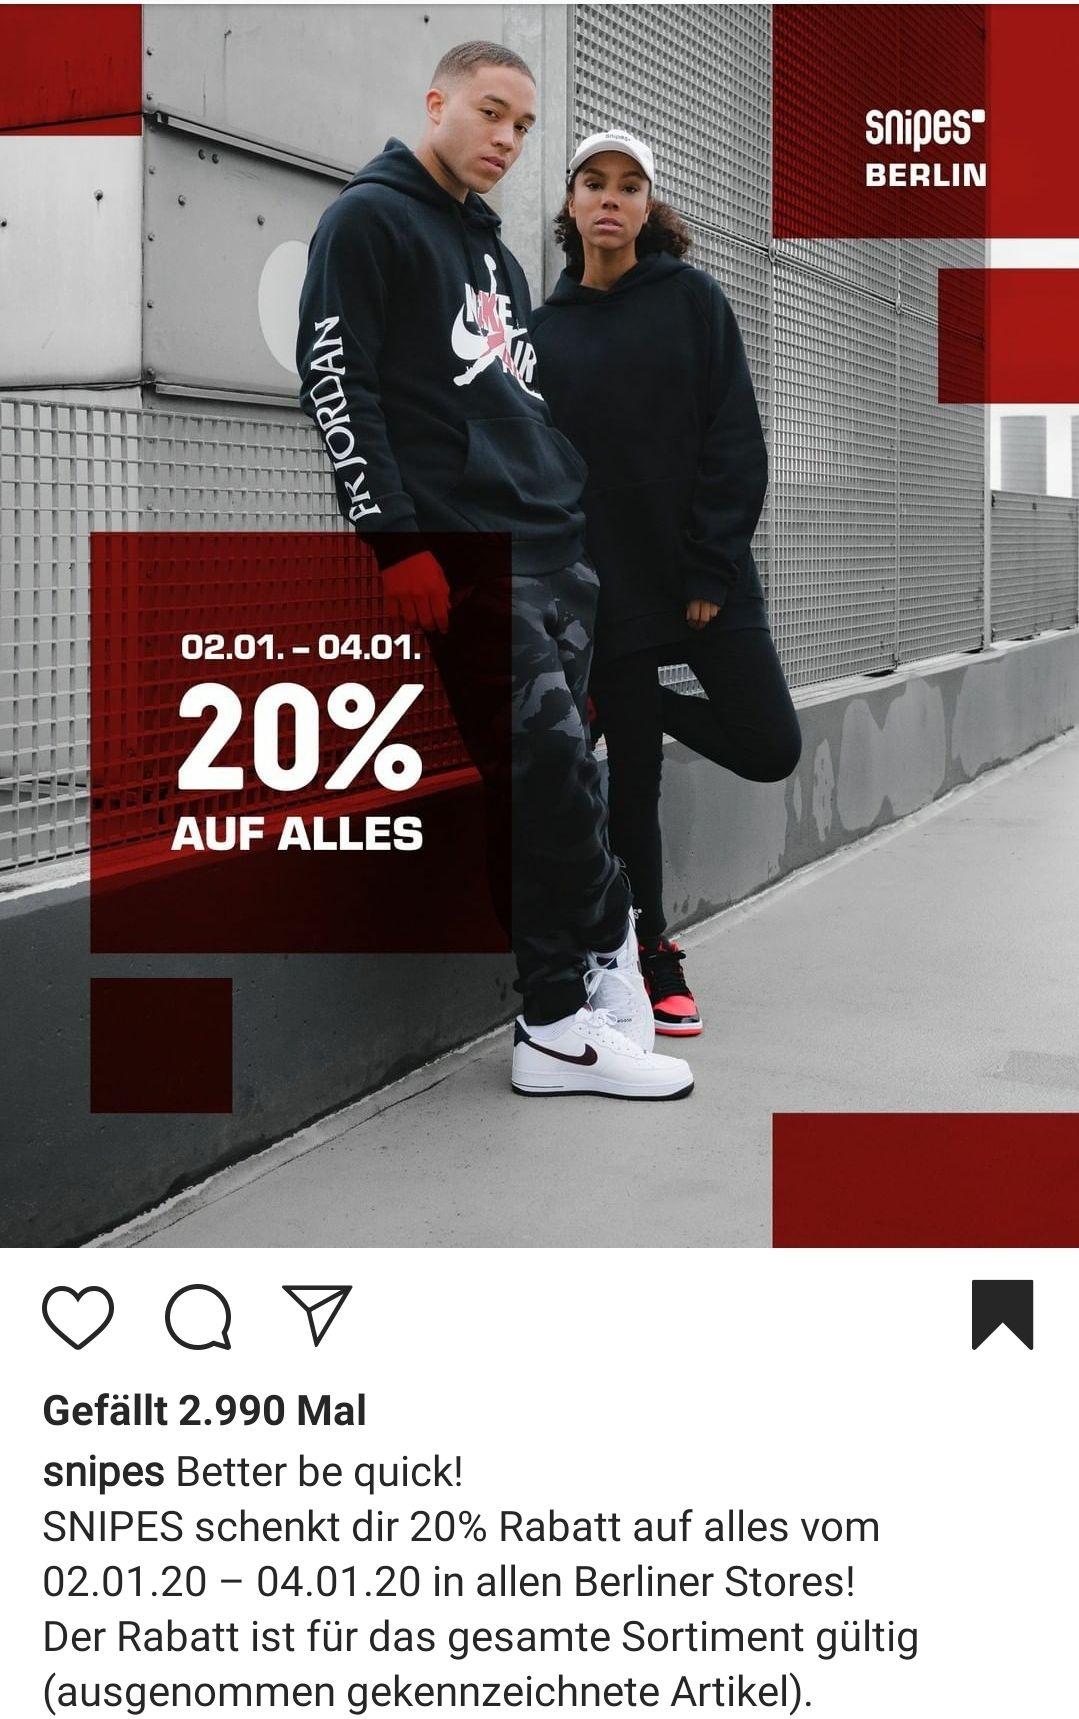 20% Snipes Berlin